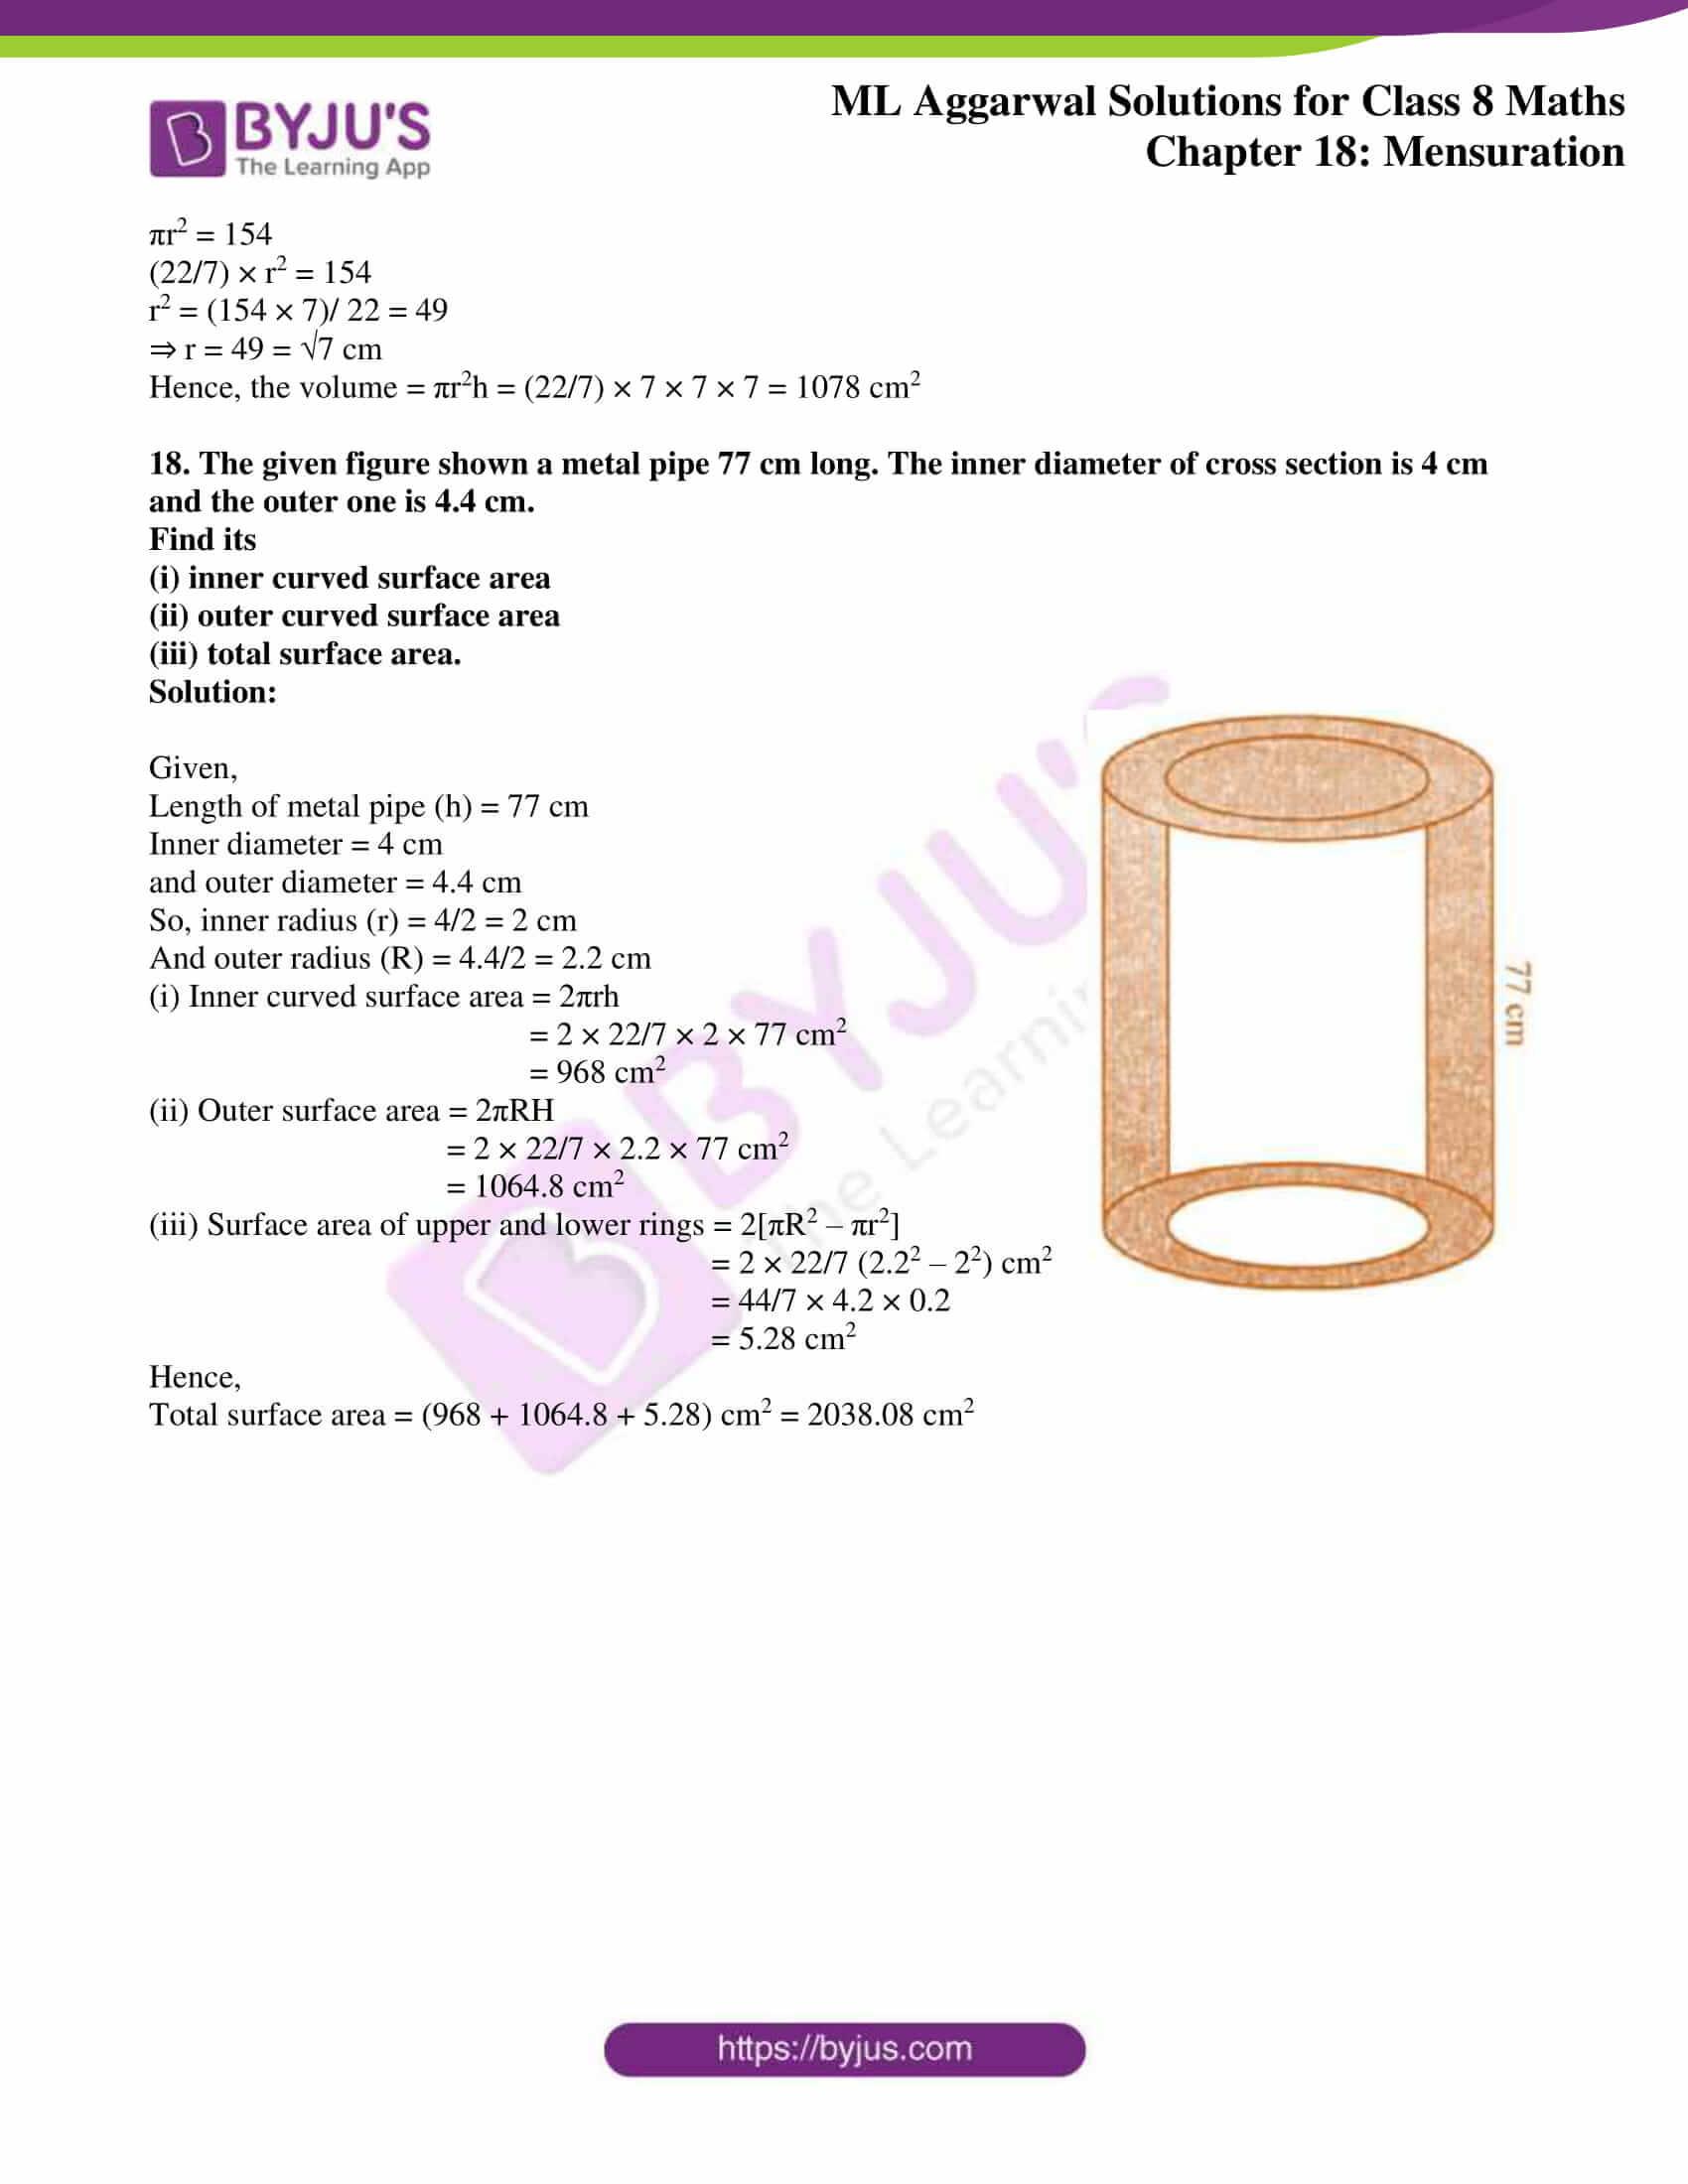 ml aggarwal sol mathematics class 8 ch 18 35